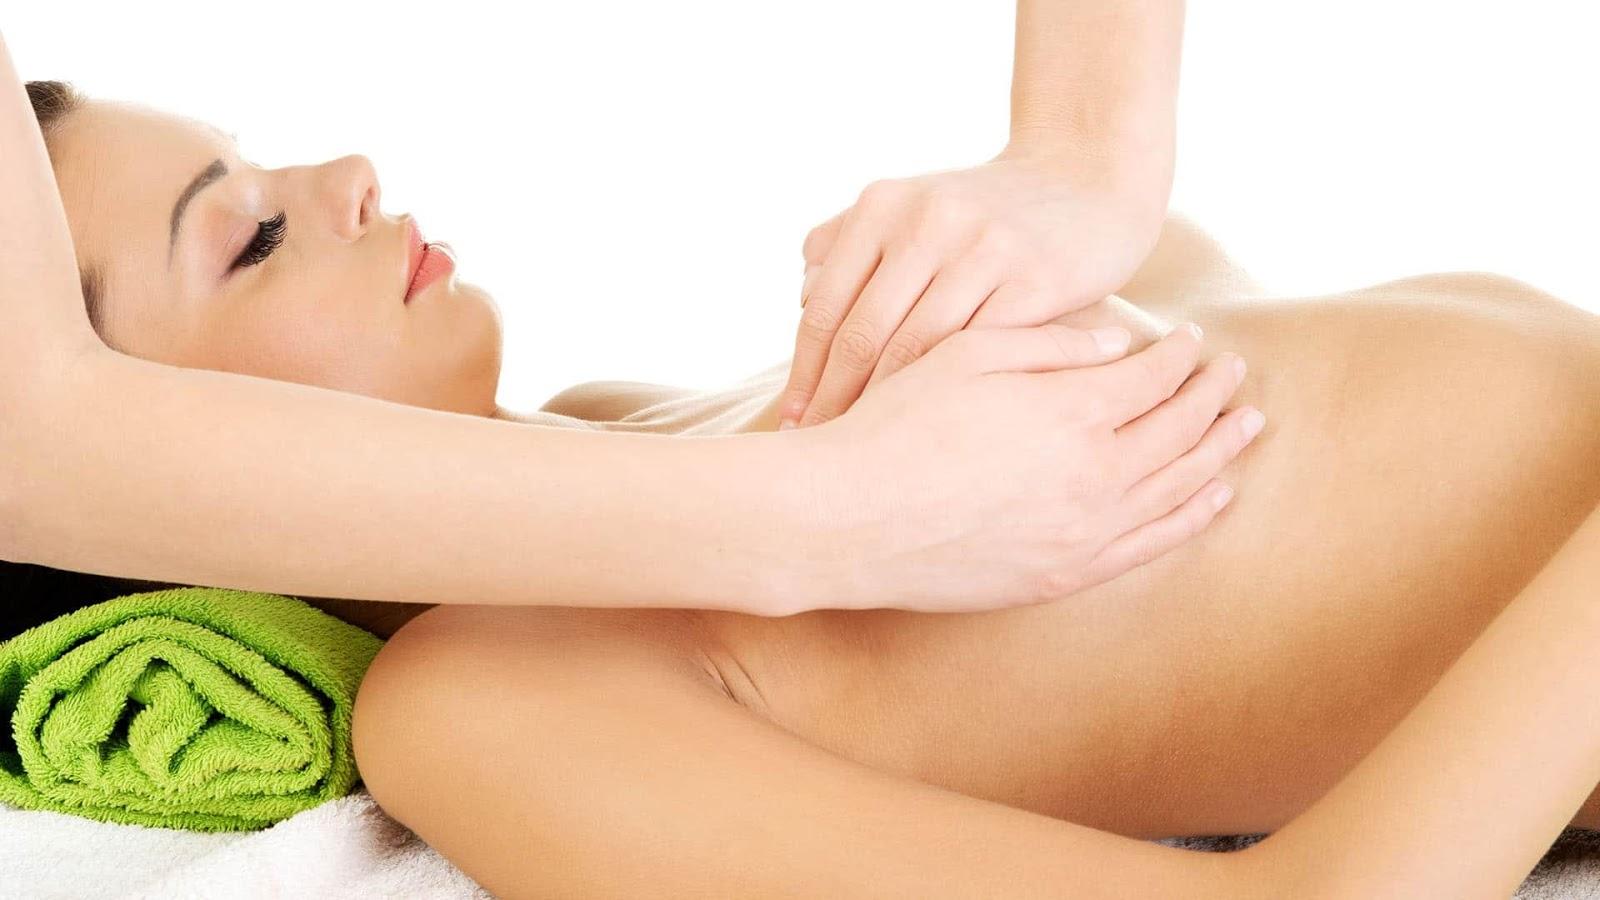 Nghiệp vụ của một nhân viên dịch vụ massage chuyên nghiệp